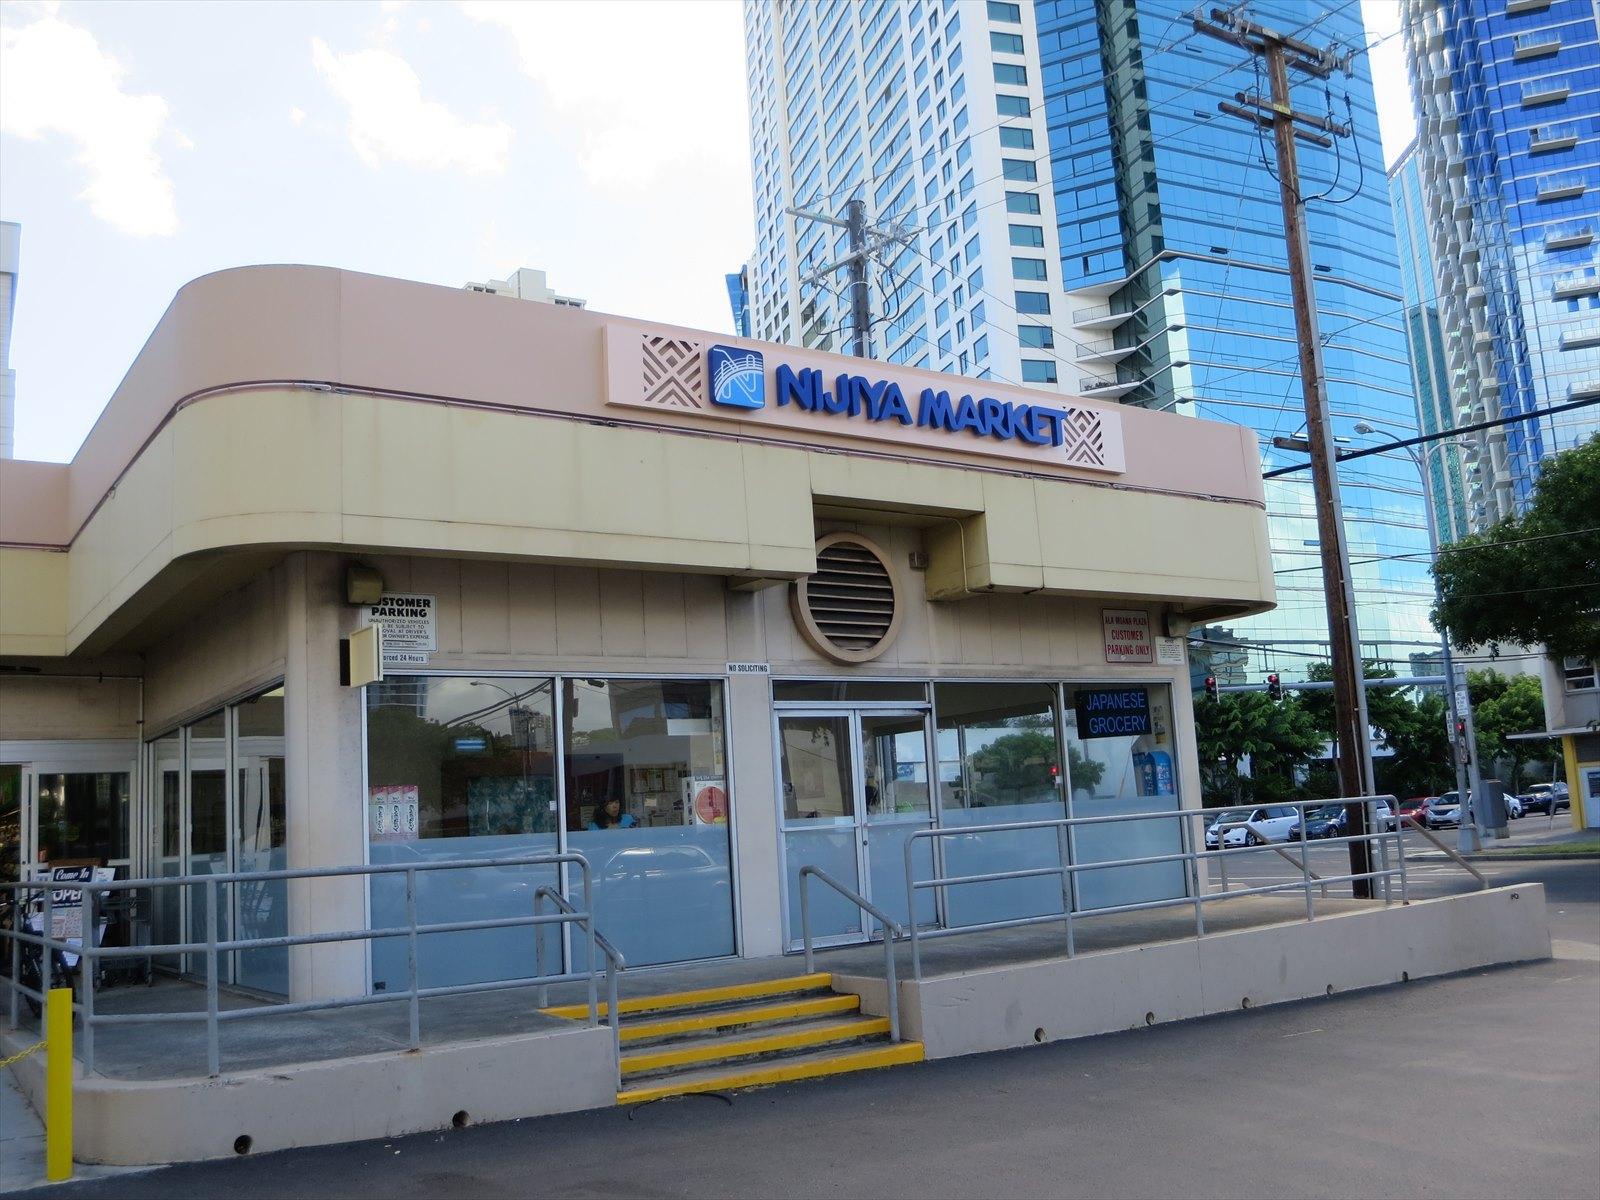 ここは日本のスーパー?Nijiya Market